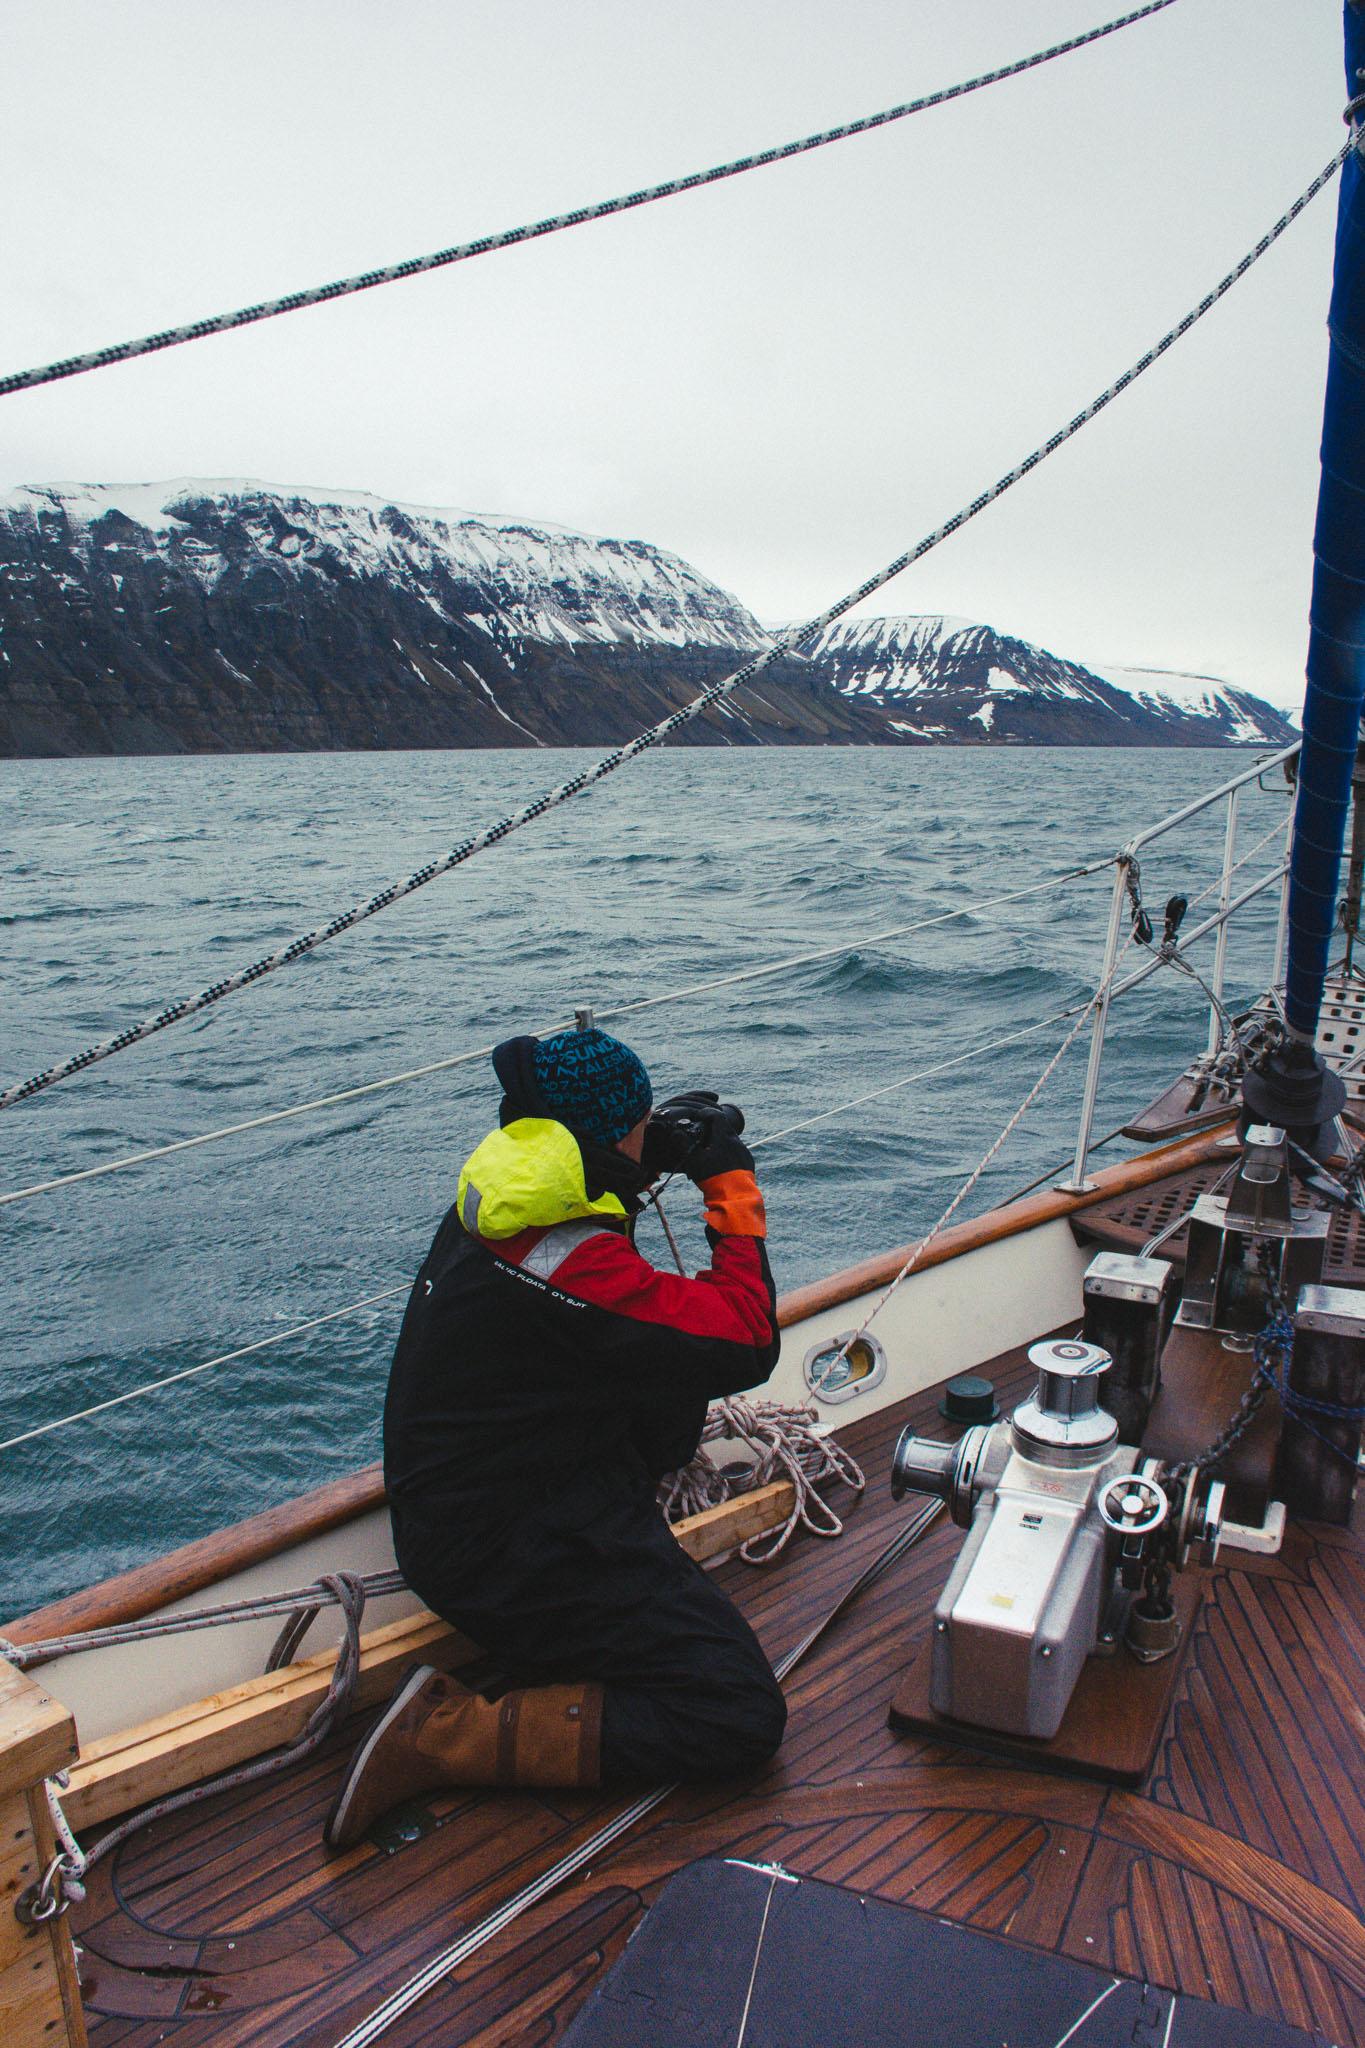 Svalbard_2018_Pukka_Perri_Rothenberg-5.jpg